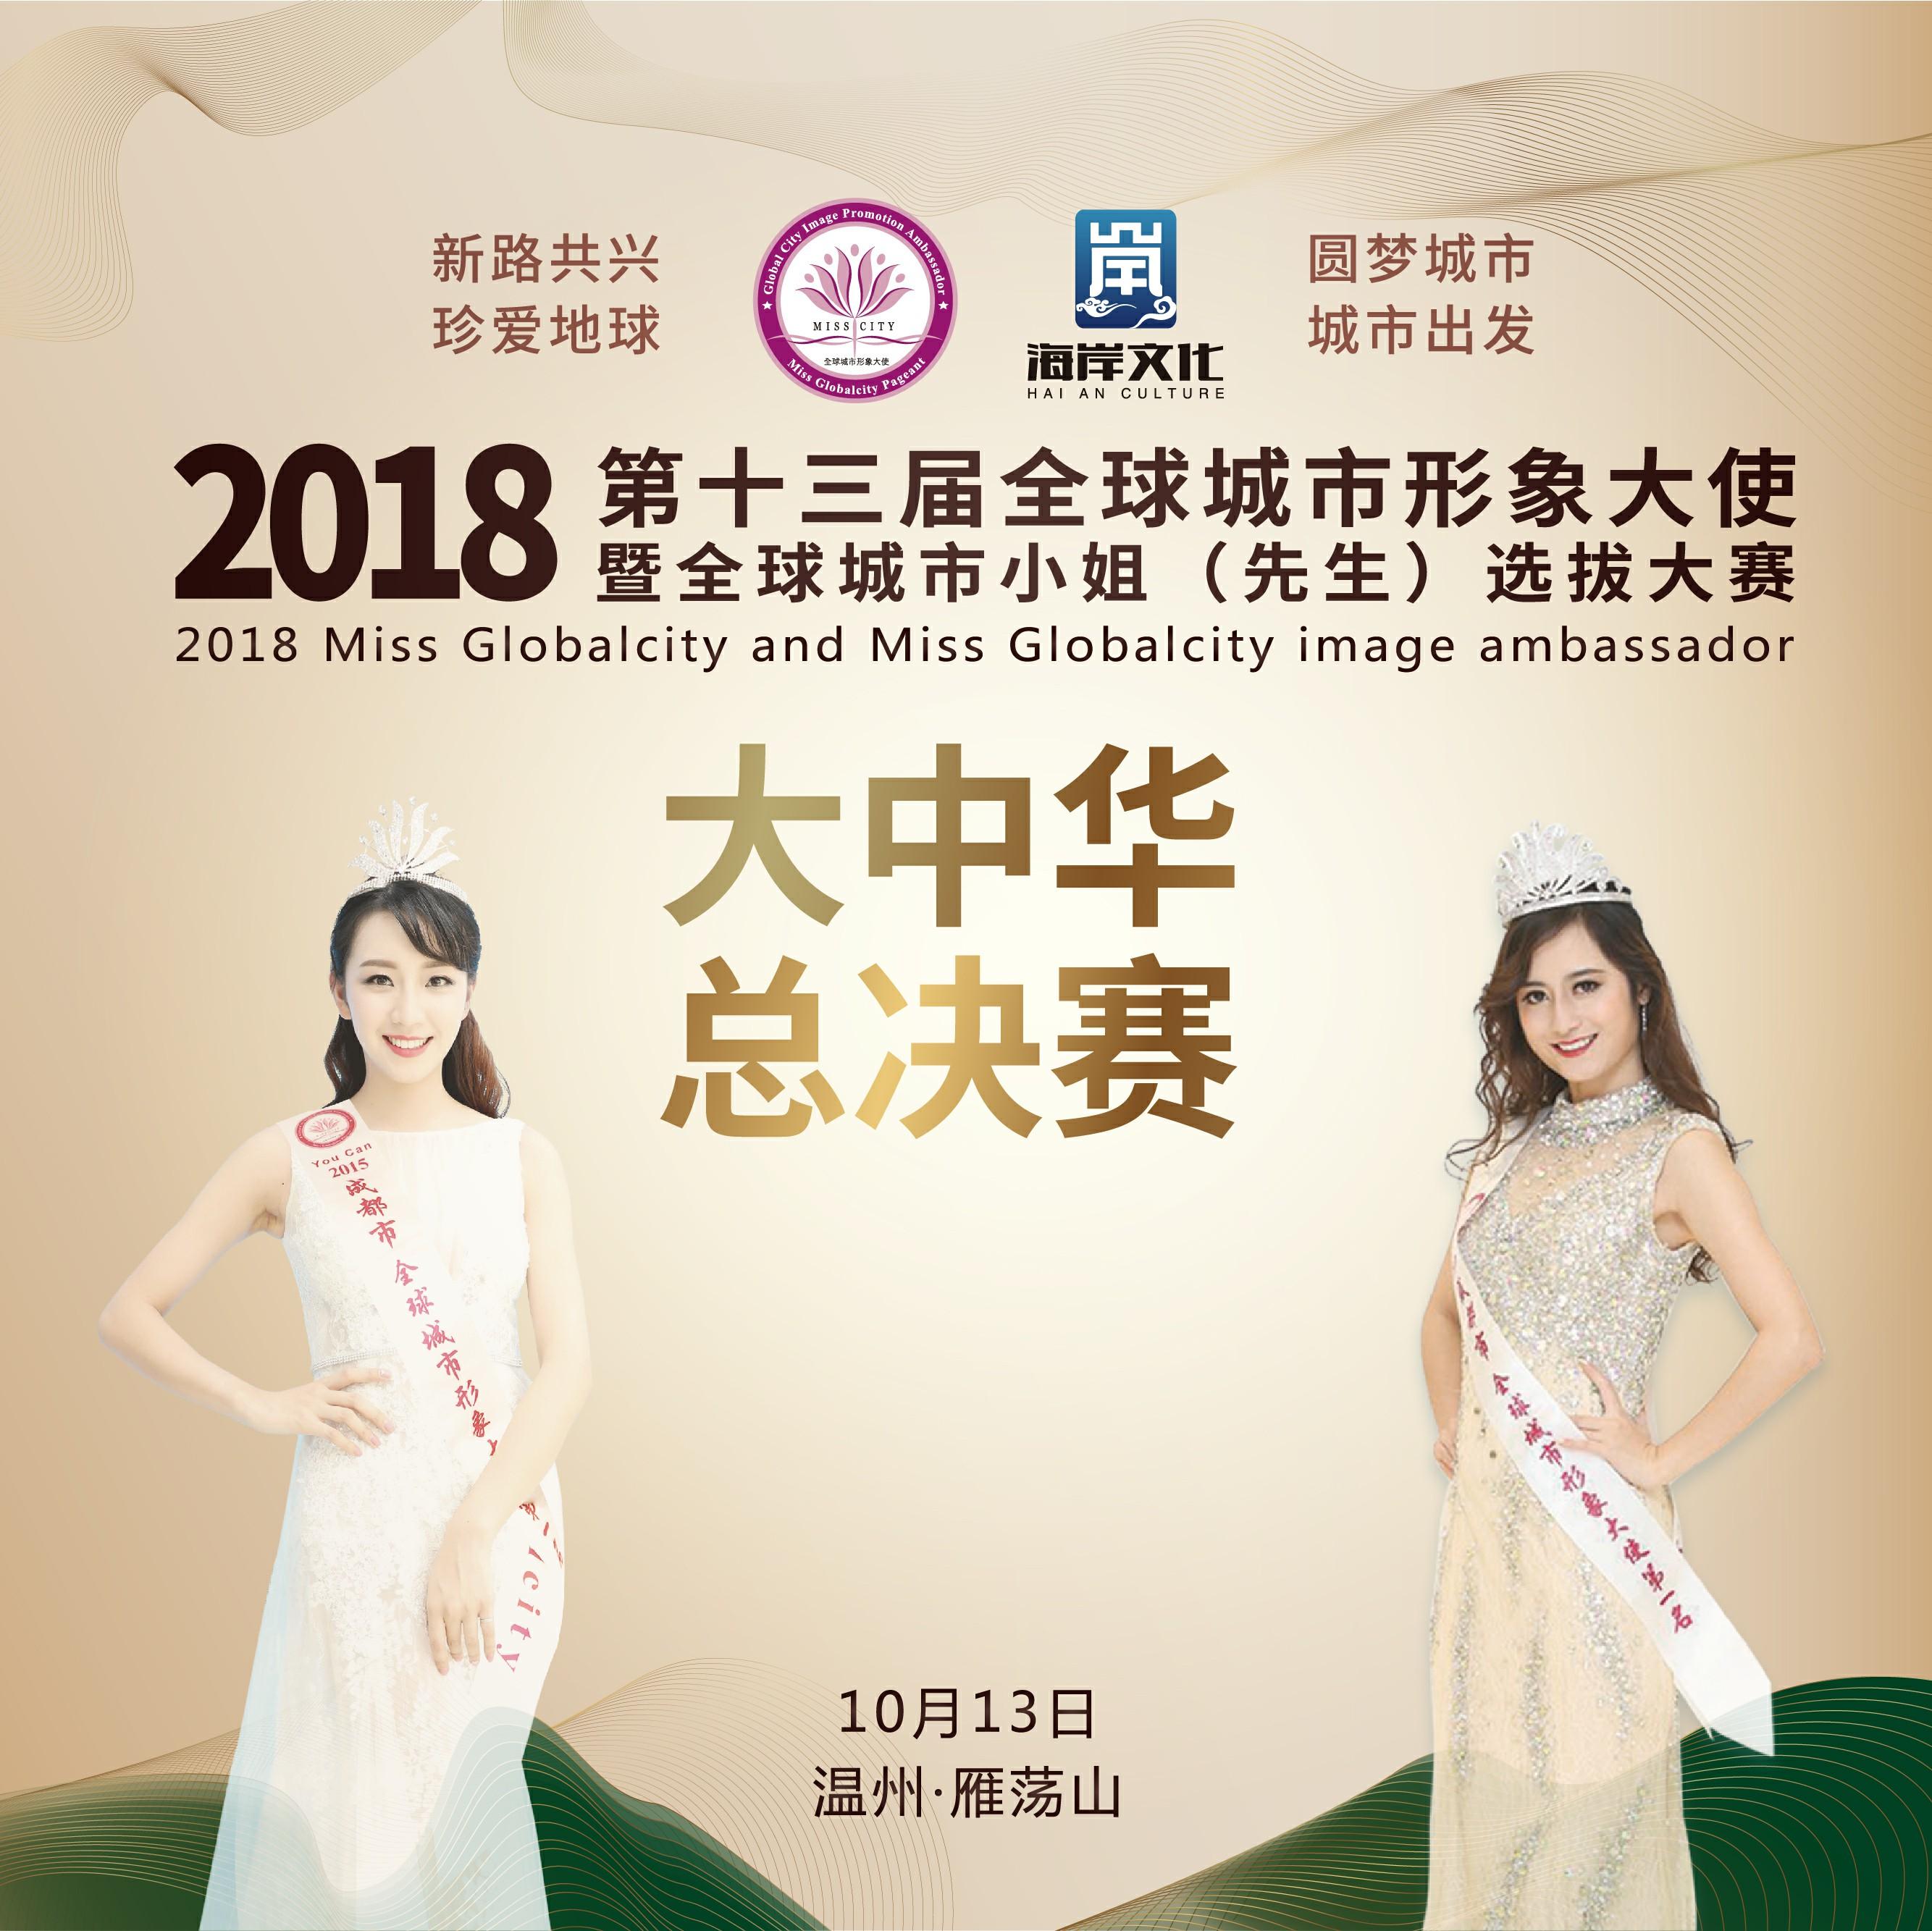 2018第十三届全球城市小姐(先生)暨全球城市形象大使大中华总决赛